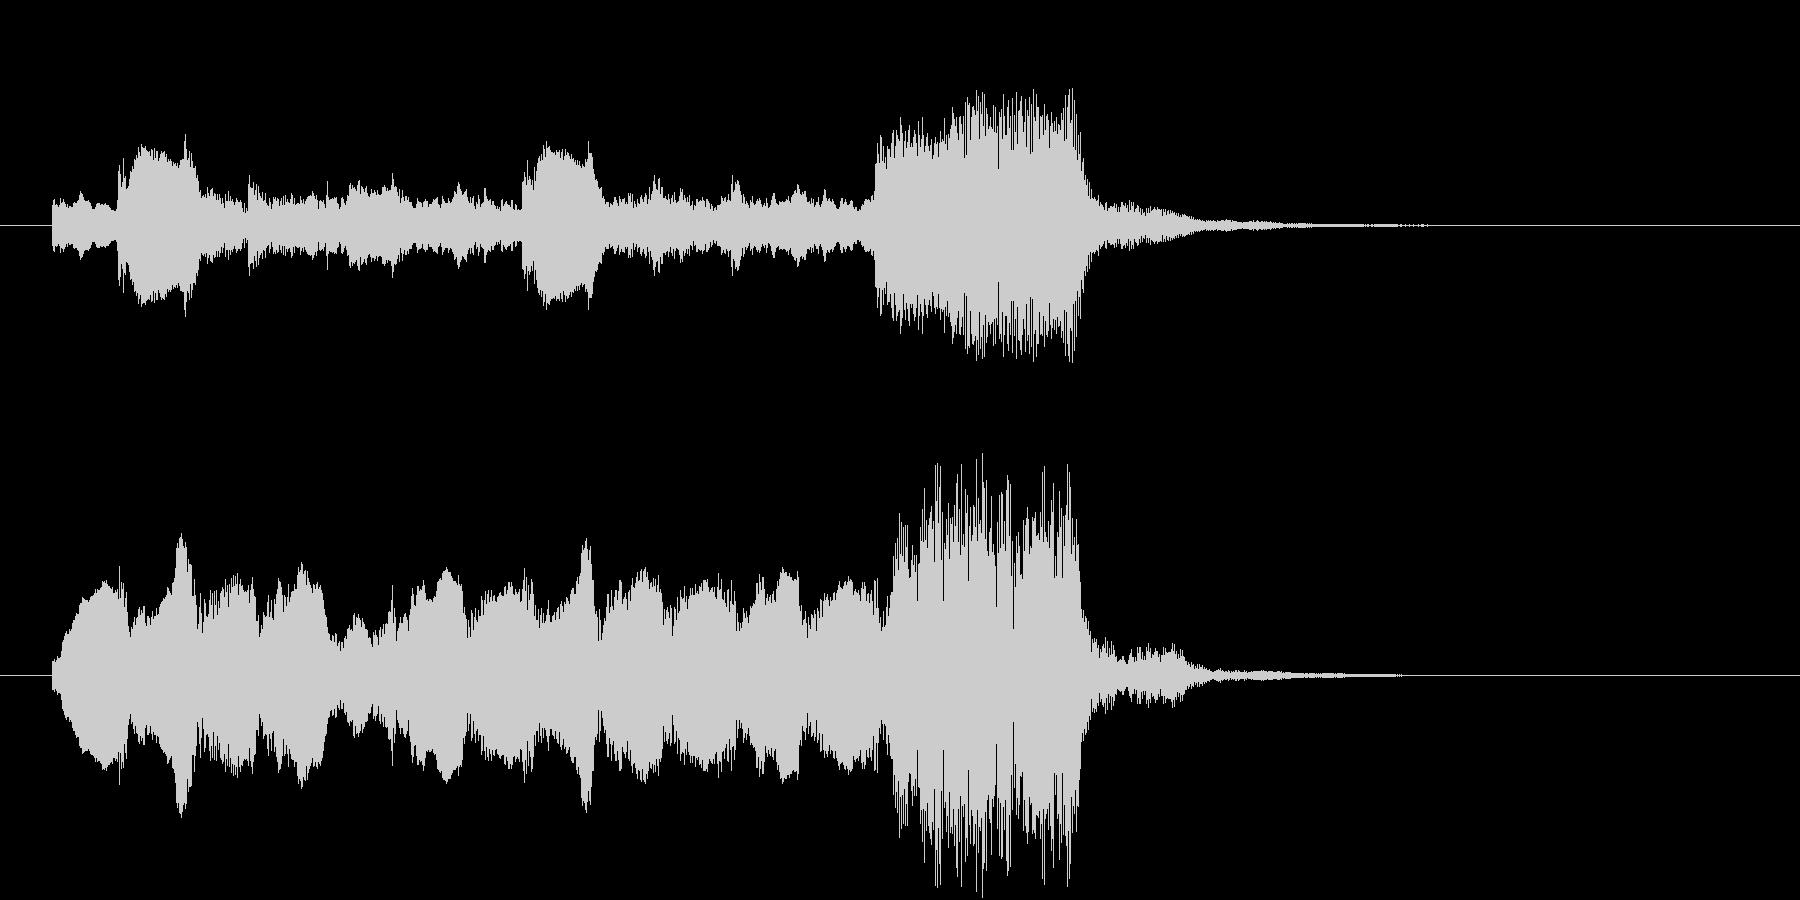 失敗・不正解・残念(オーケストラ楽器)の未再生の波形